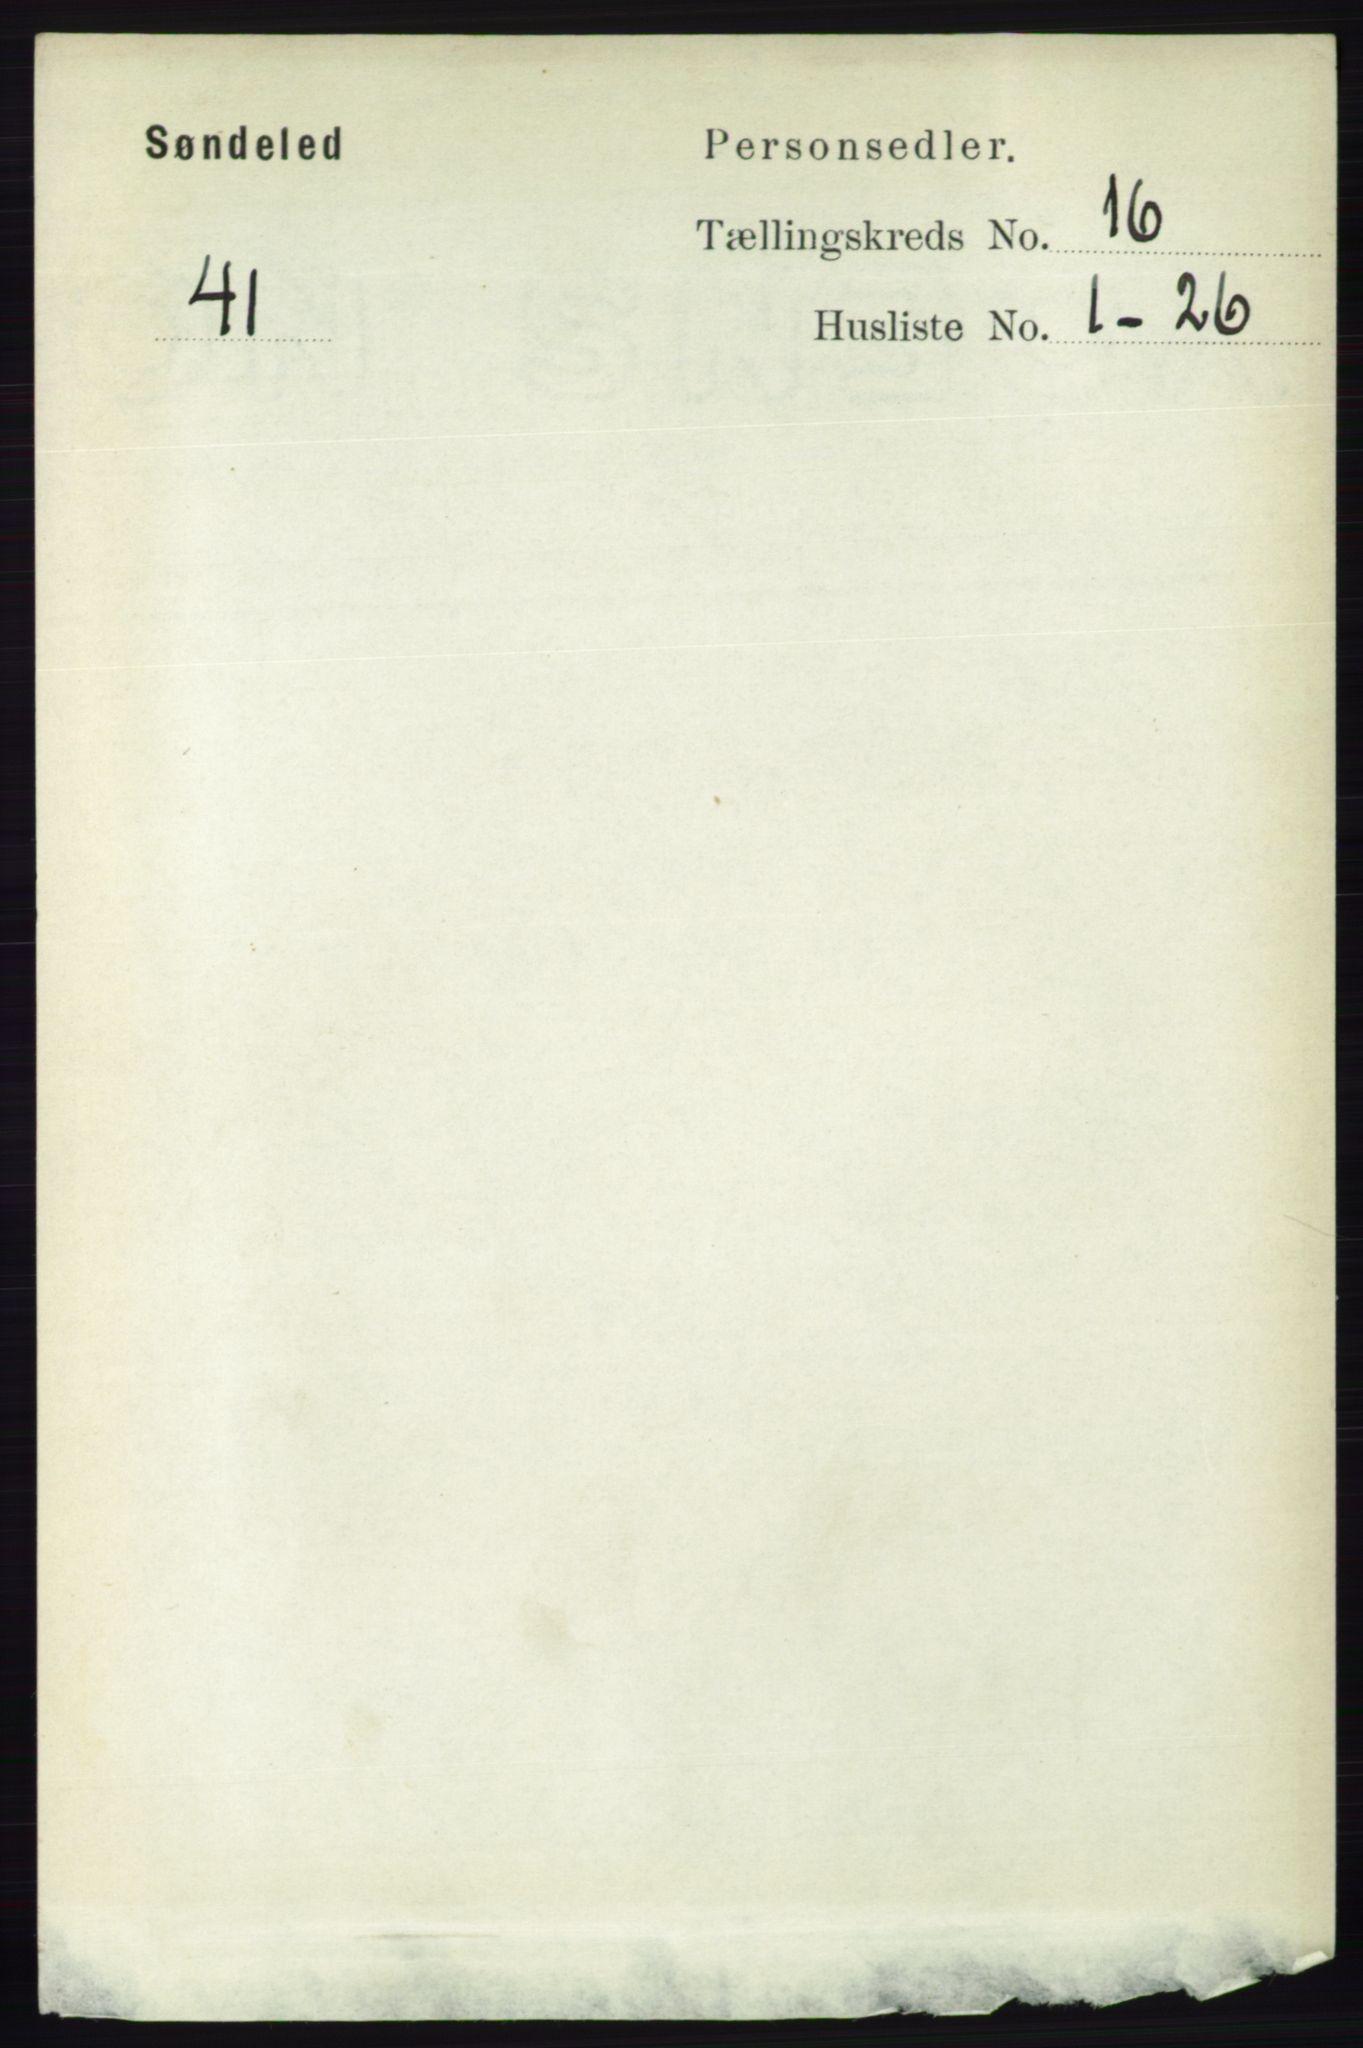 RA, Folketelling 1891 for 0913 Søndeled herred, 1891, s. 4520